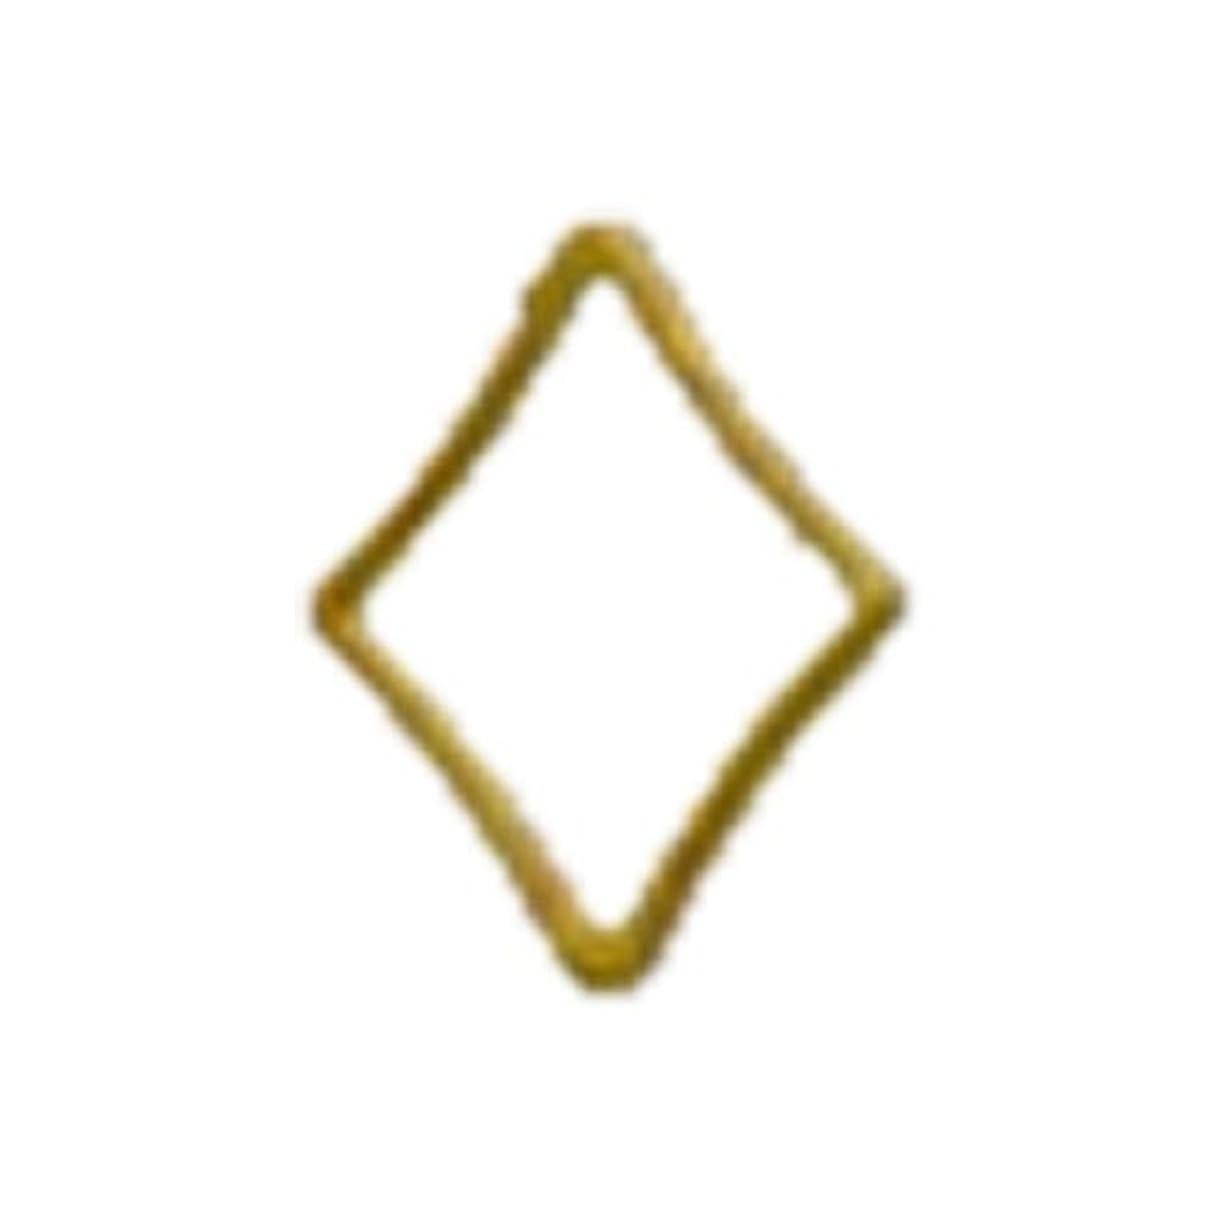 痴漢おびえた透けるリトルプリティー ネイルアートパーツ キラキラ 3S ゴールド 20個